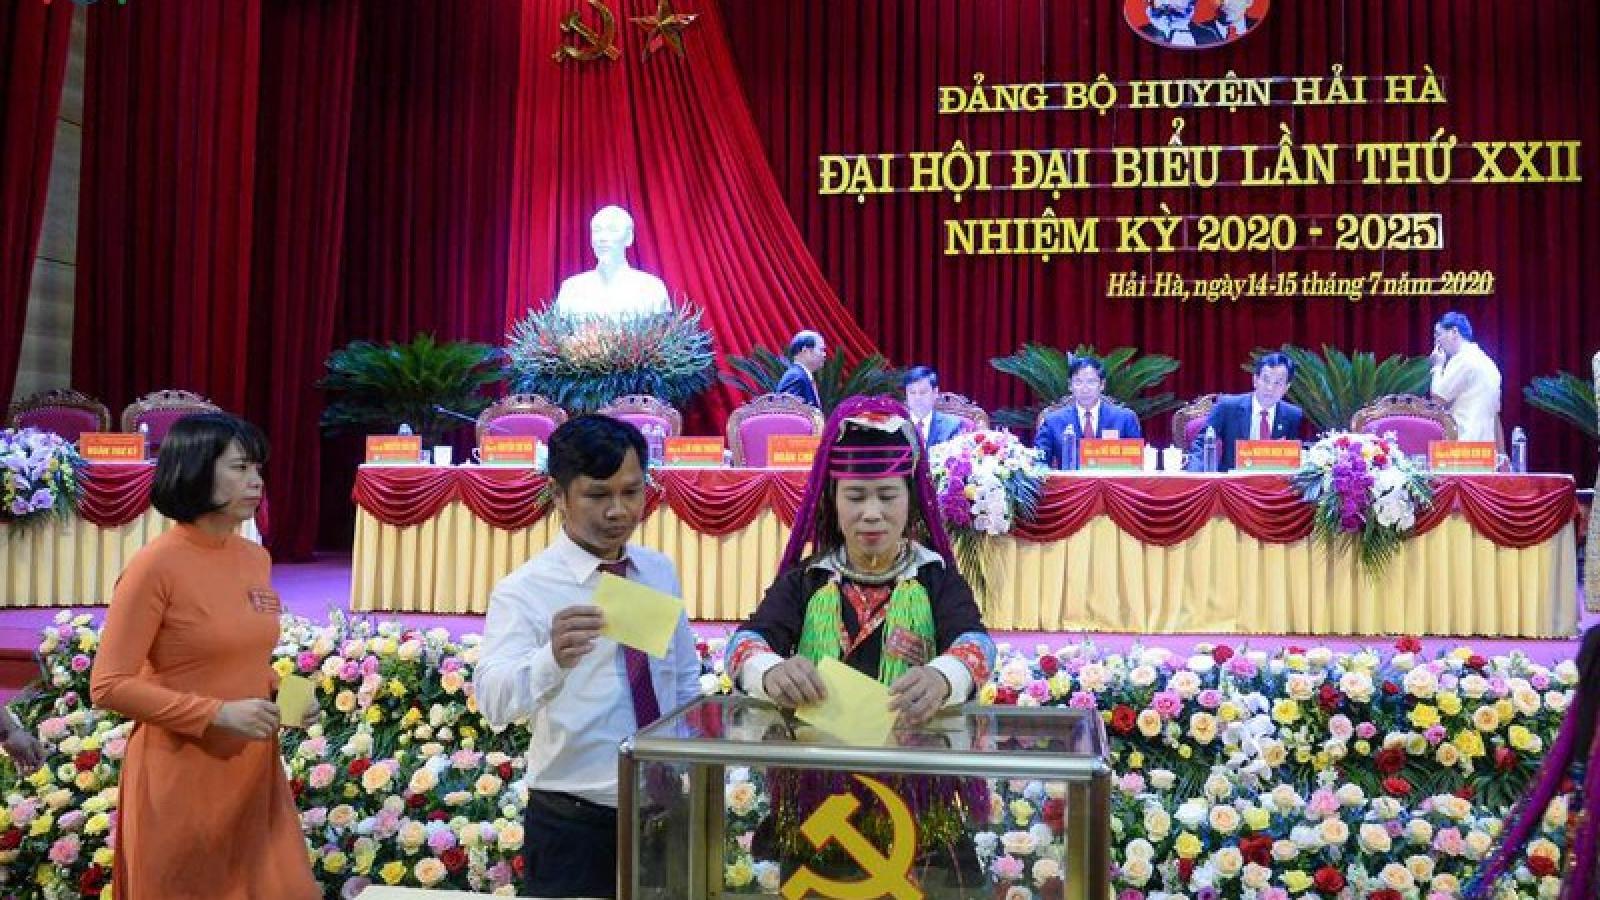 Quảng Ninh: Đại hội Đảng bộ huyện Hải Hà bầu trực tiếp Bí thư huyện ủy